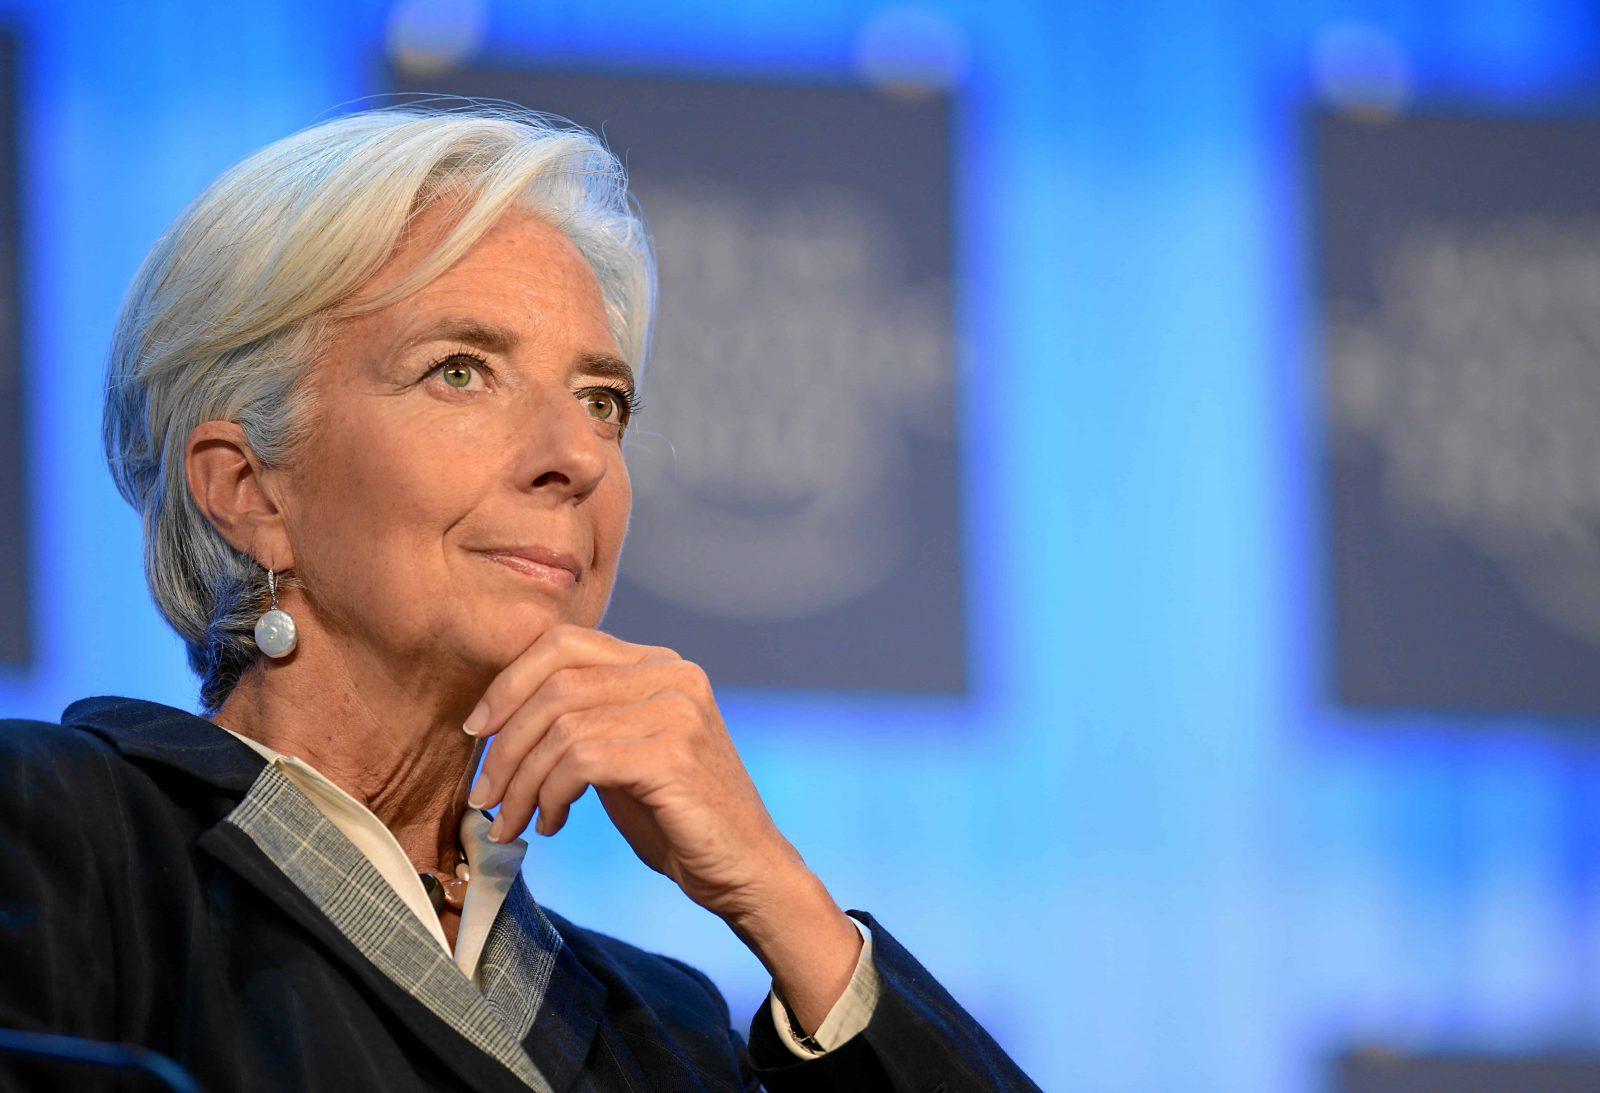 Les enjeux prioritaires de Christine Lagarde à la direction de la BCE